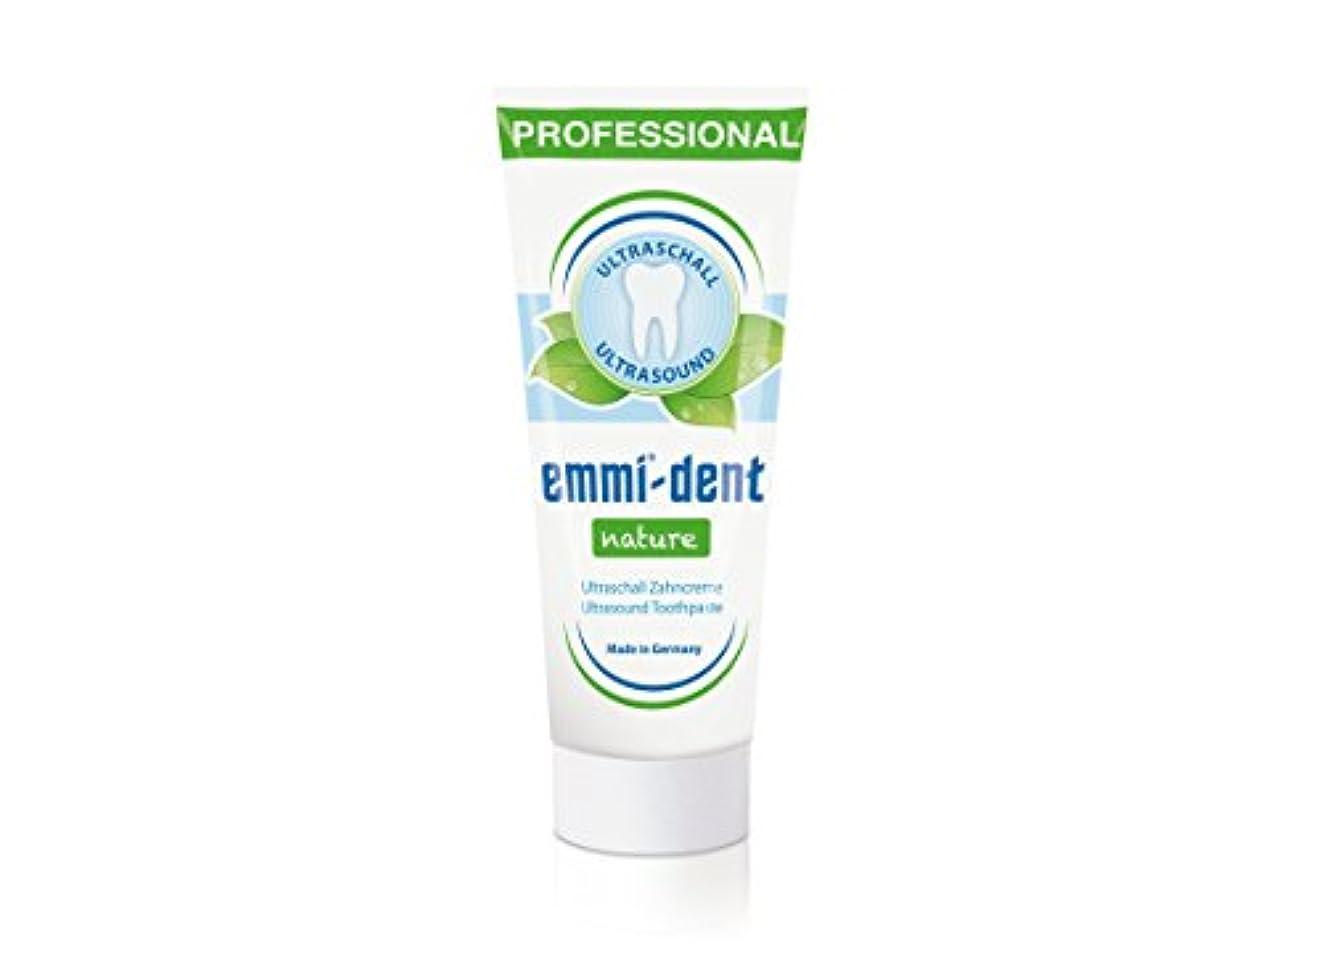 Emmi−dent(エミデント) 超音波歯ブラシ専用 歯磨きペースト エミデント ネイチャー 75g